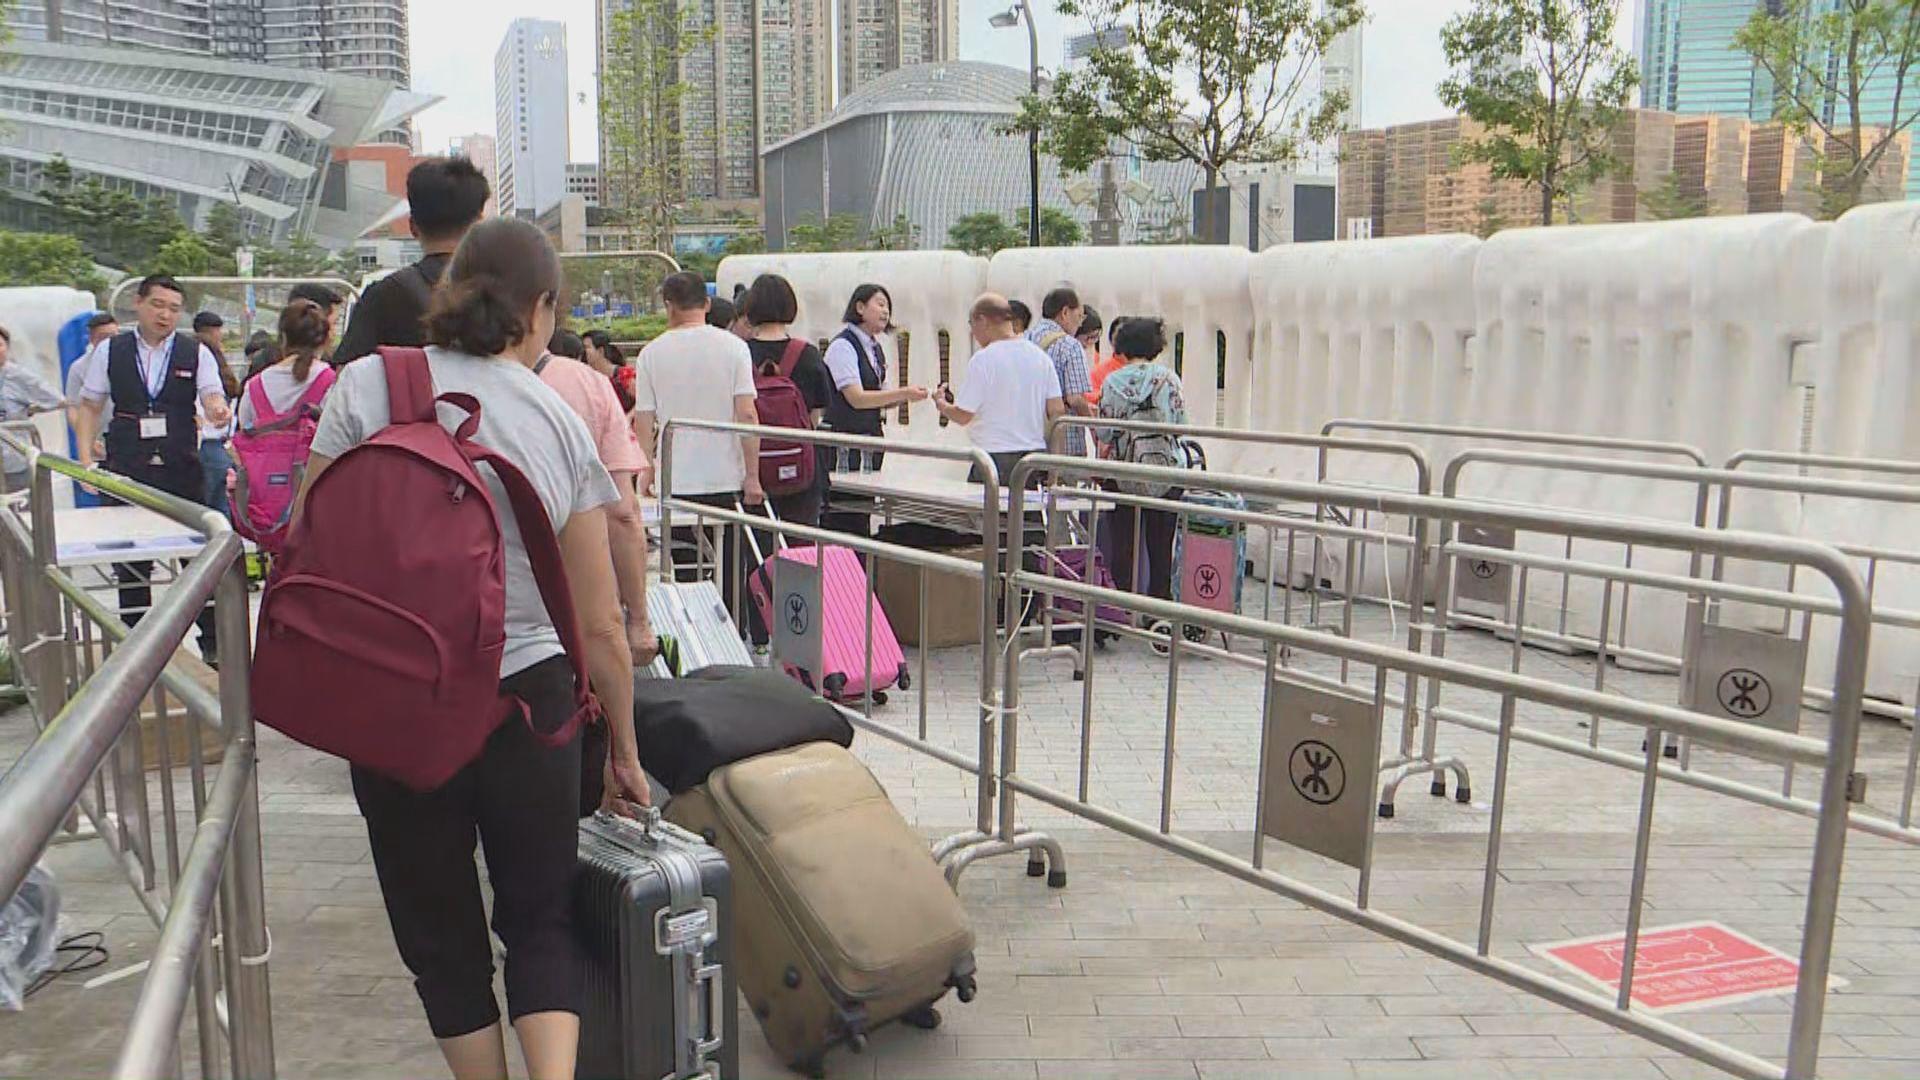 【九龍遊行】有市民認為高鐵西九站布防過嚴